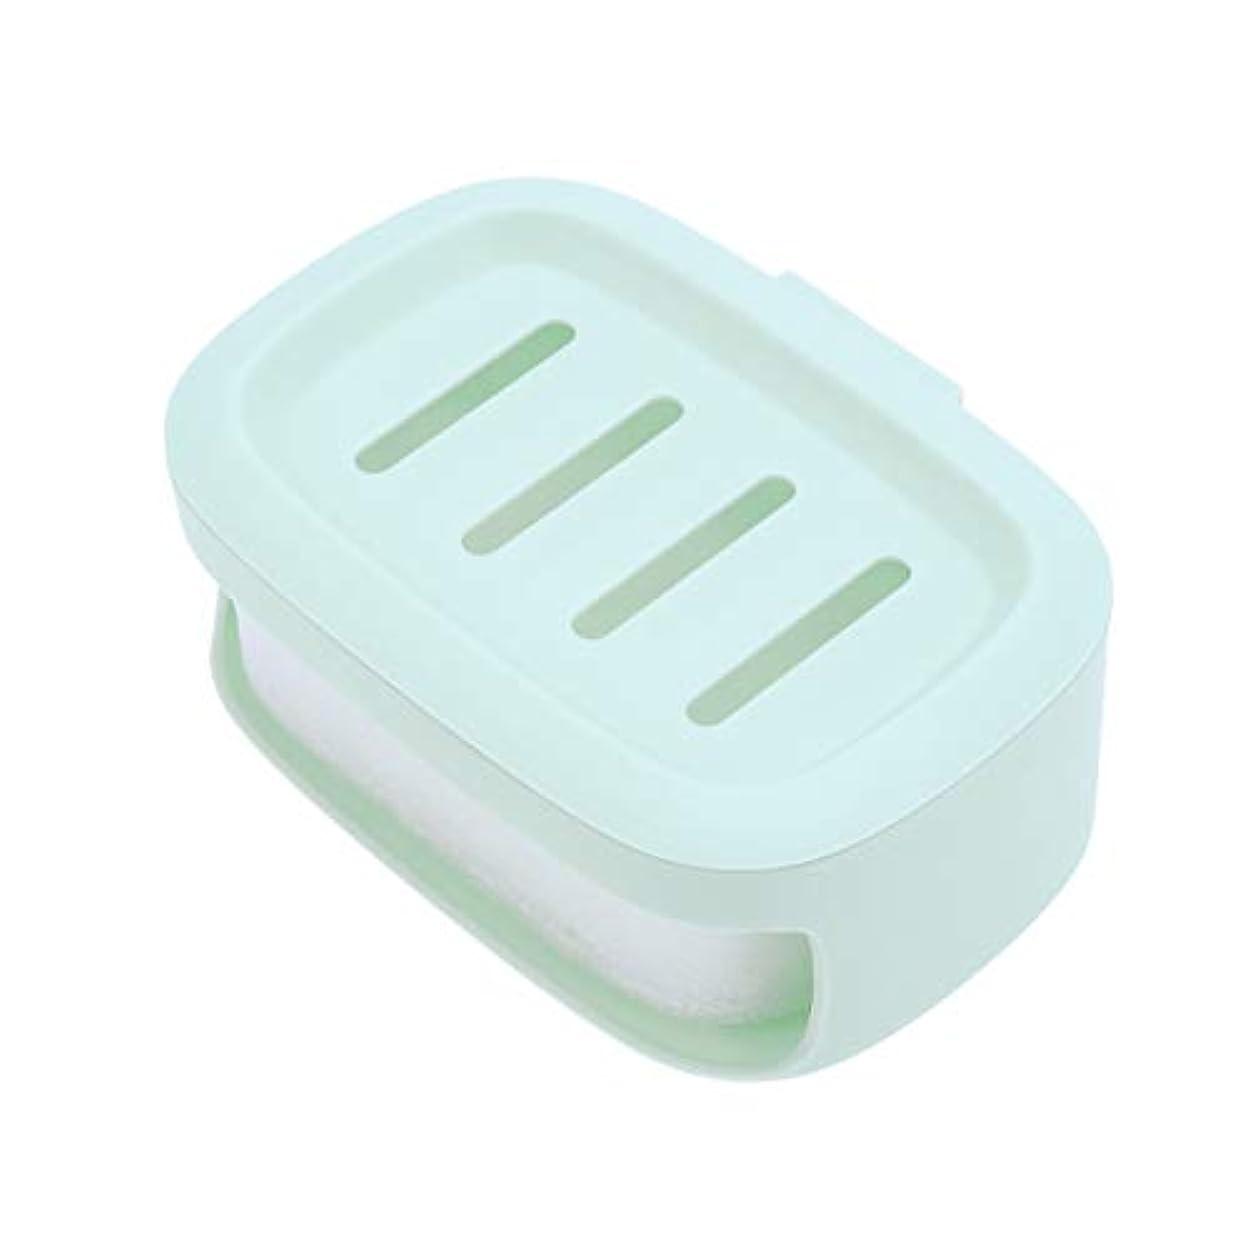 サークルその間生態学HEALIFTY ソープボックス防水ソープコンテナバスルームソープ収納ケースソープホルダー(グリーン)